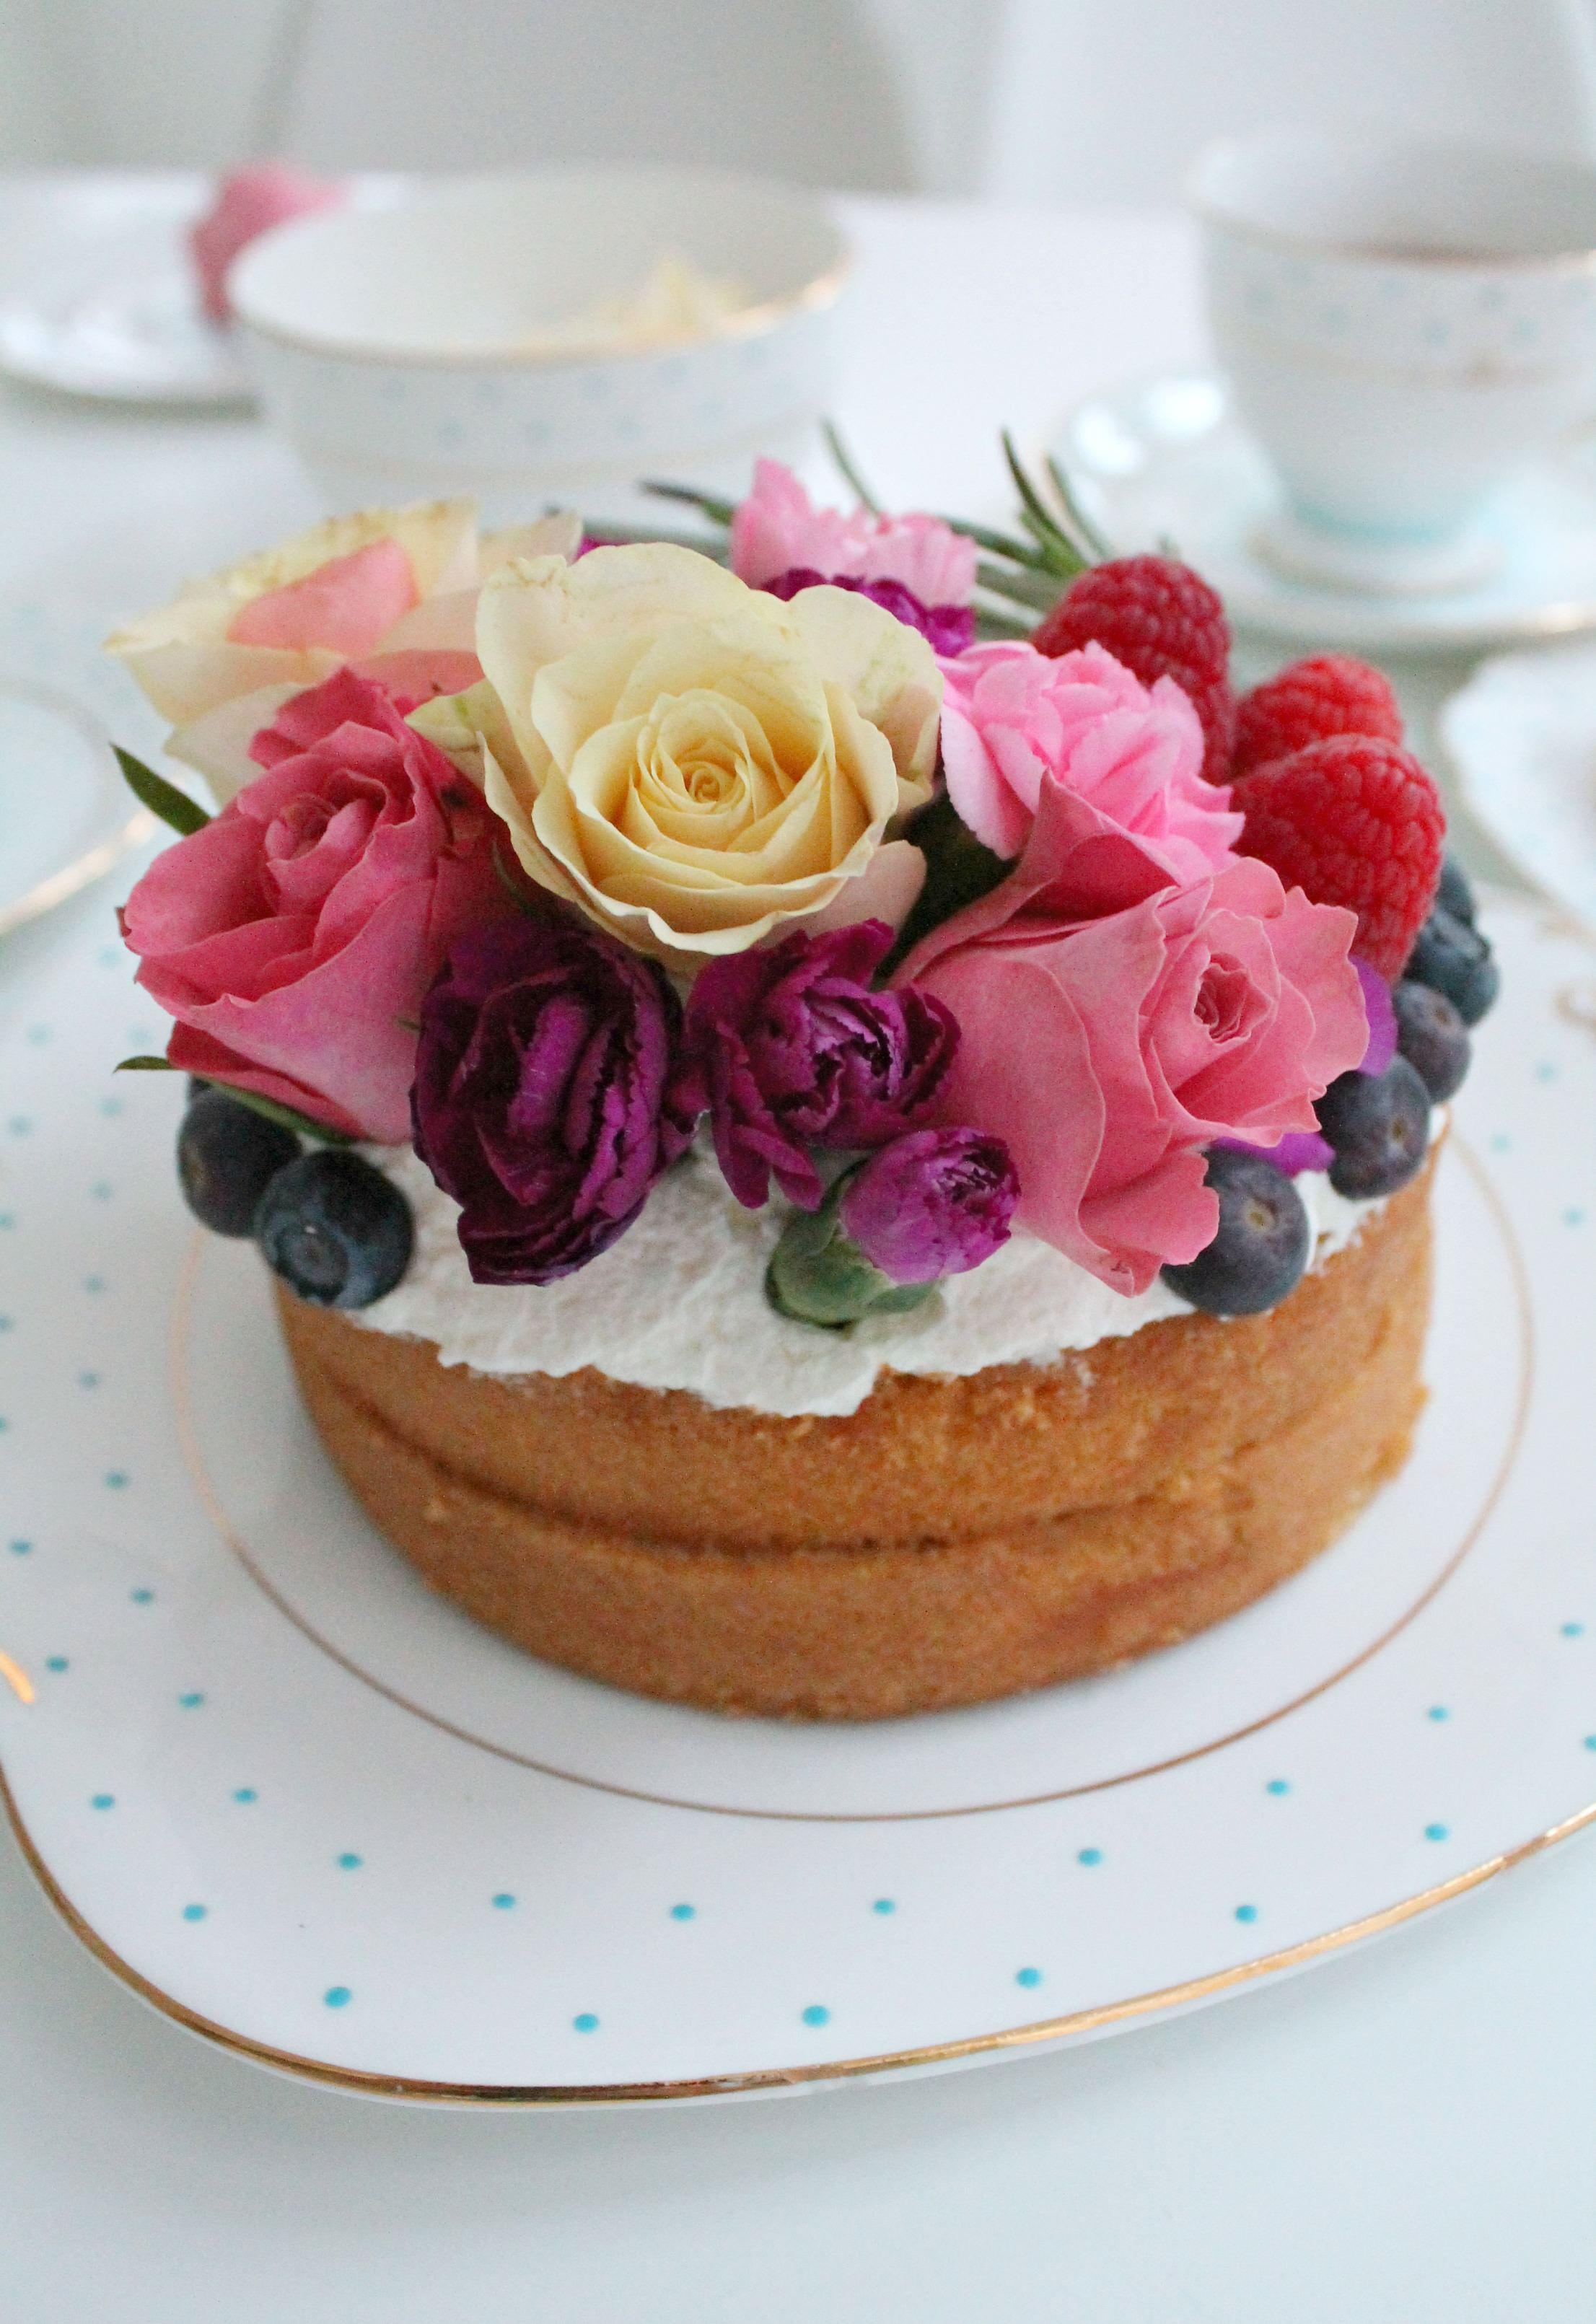 Naked-floral-victoria-sponge-cake-Little-Big-Bell